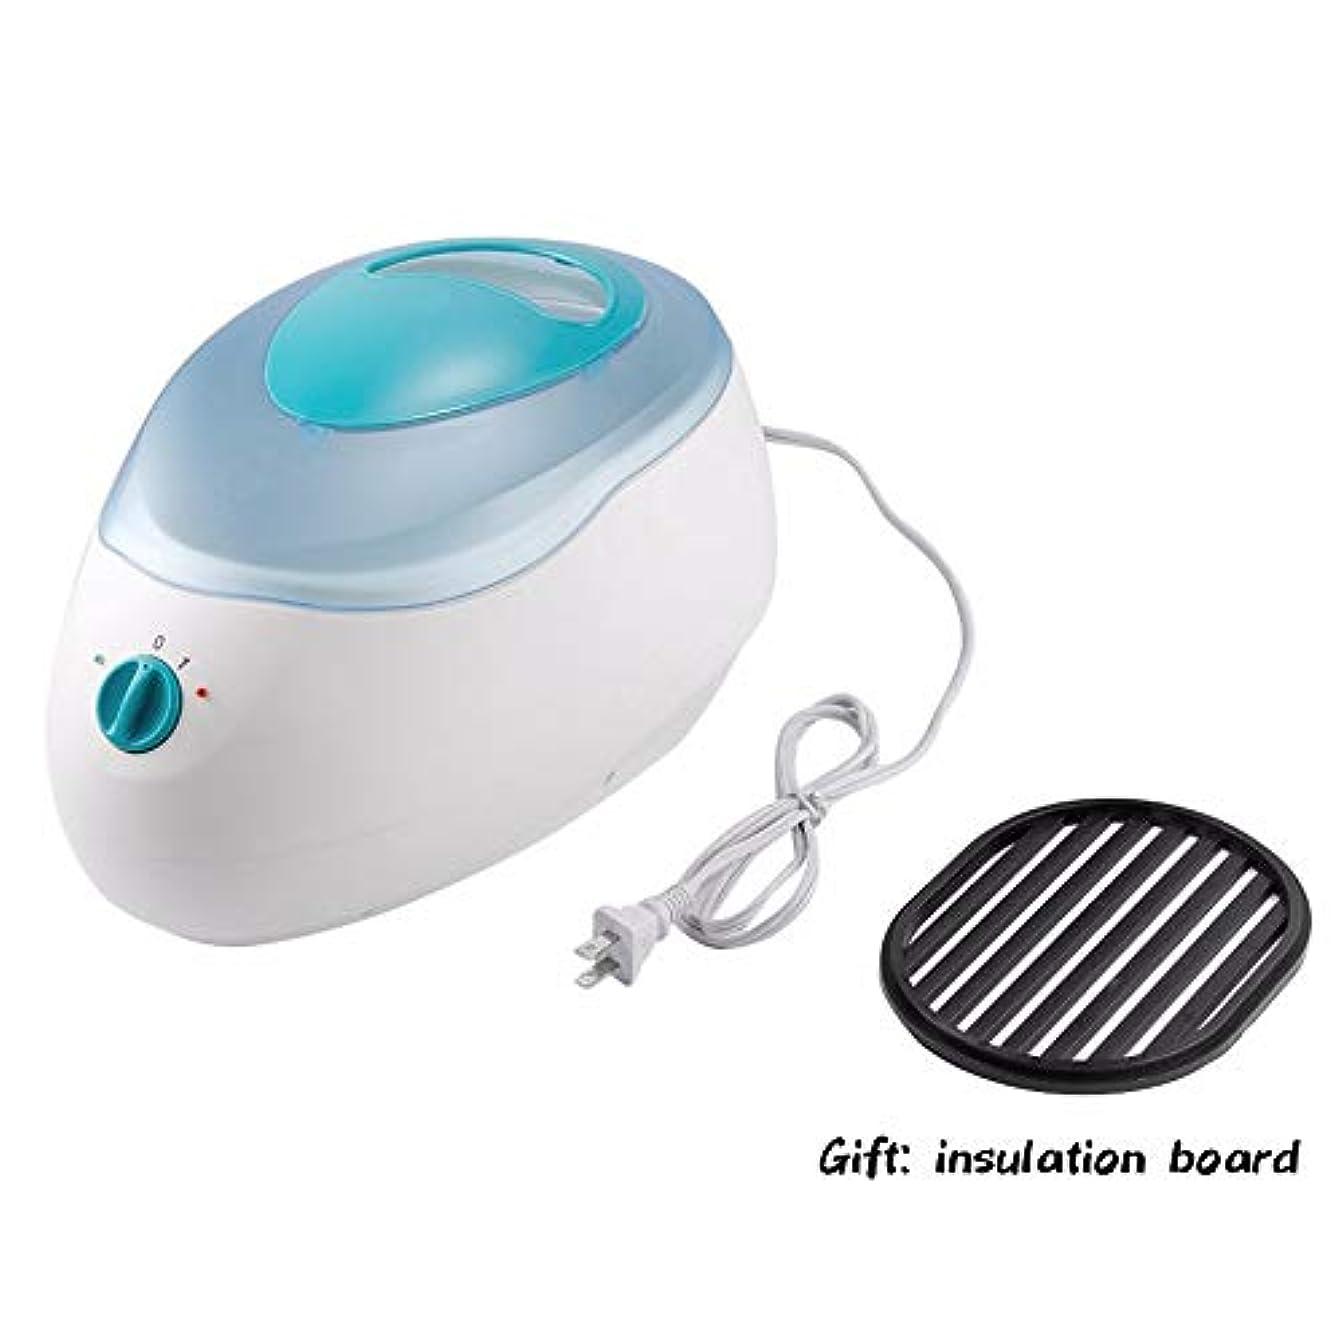 同等の着服洗練ワックスヒーター機200ワットパラフィンヒーター療法浴室ワックスポットヒーター美容院スパ2レベル制御機用スキンケアツール